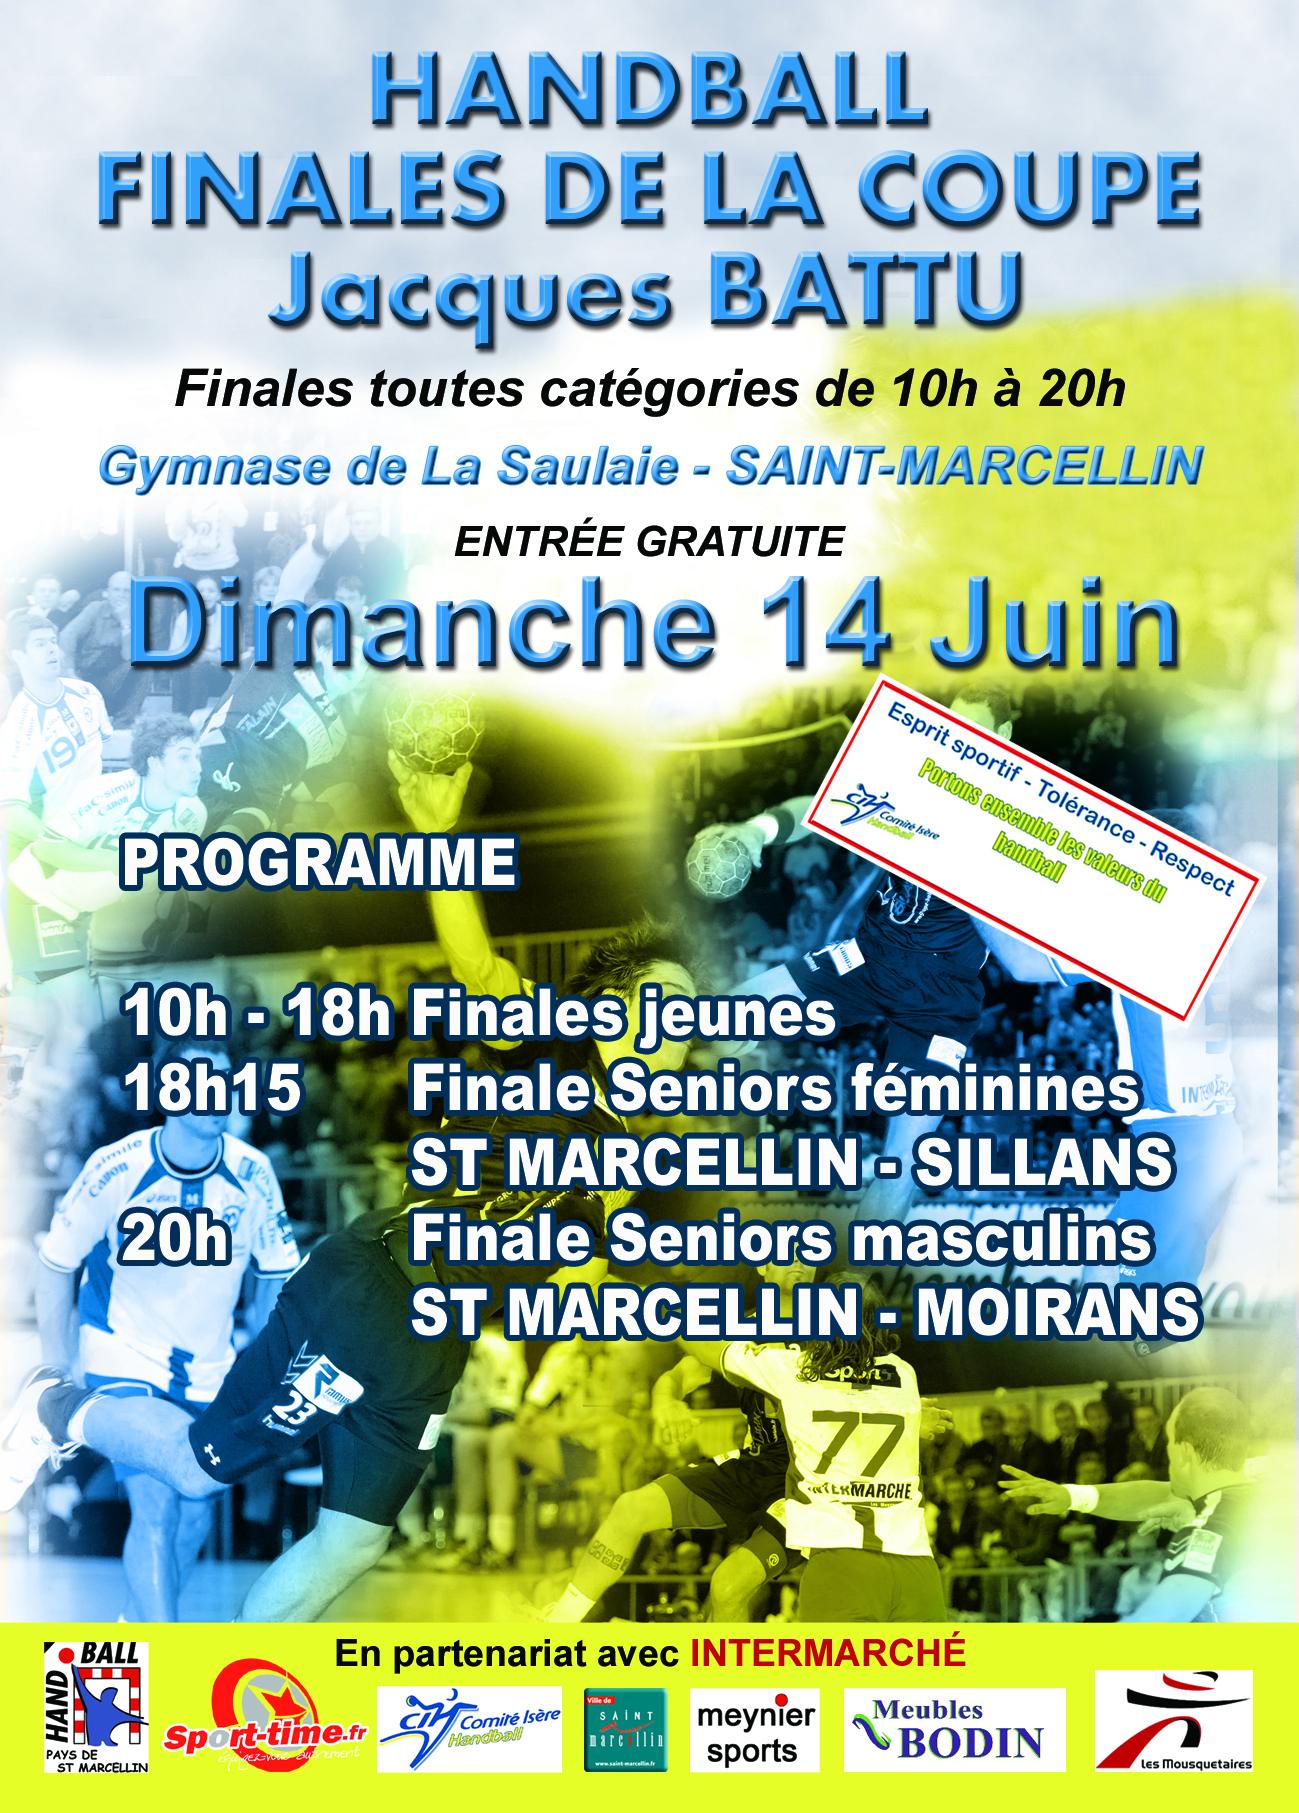 Finales Coupe Jacques Battu